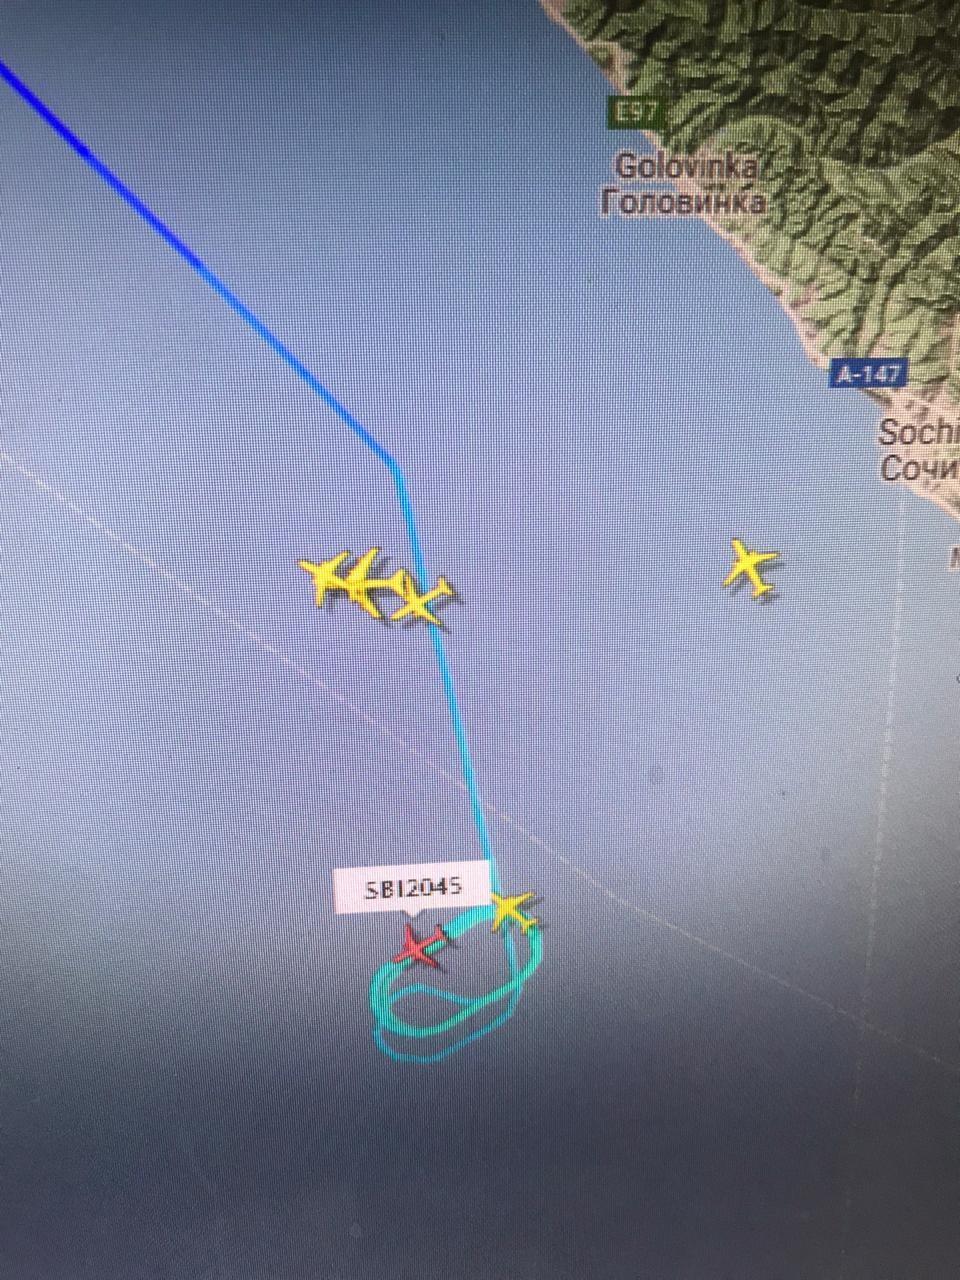 В аэропорту Сочи не могут приземлиться несколько самолетов. Фото Флайтрадар